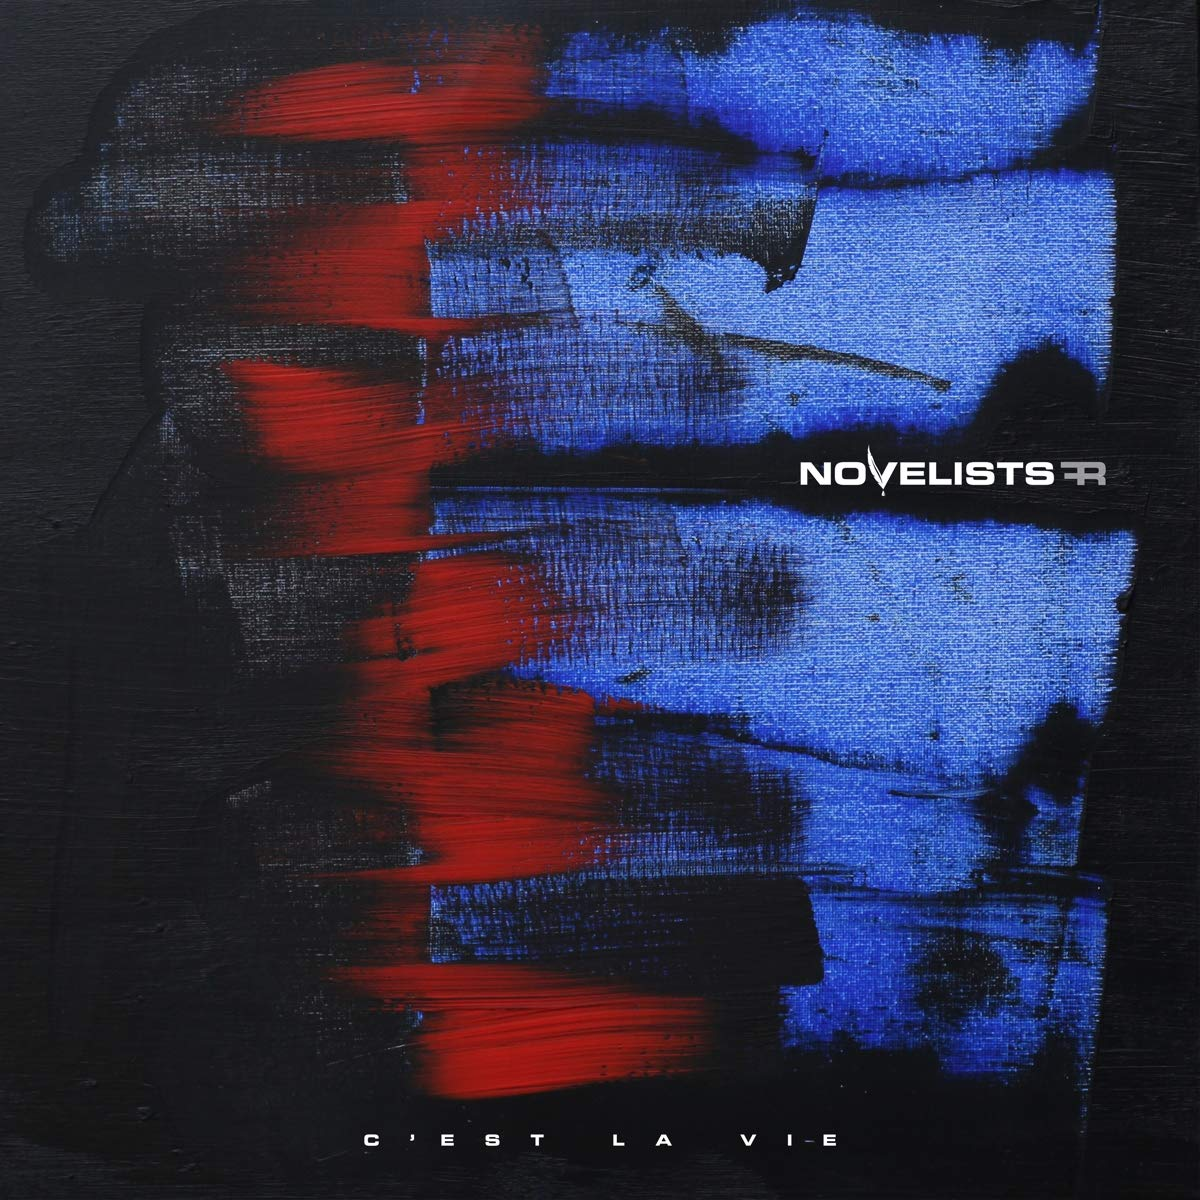 NOVELISTS «C'est la vie»